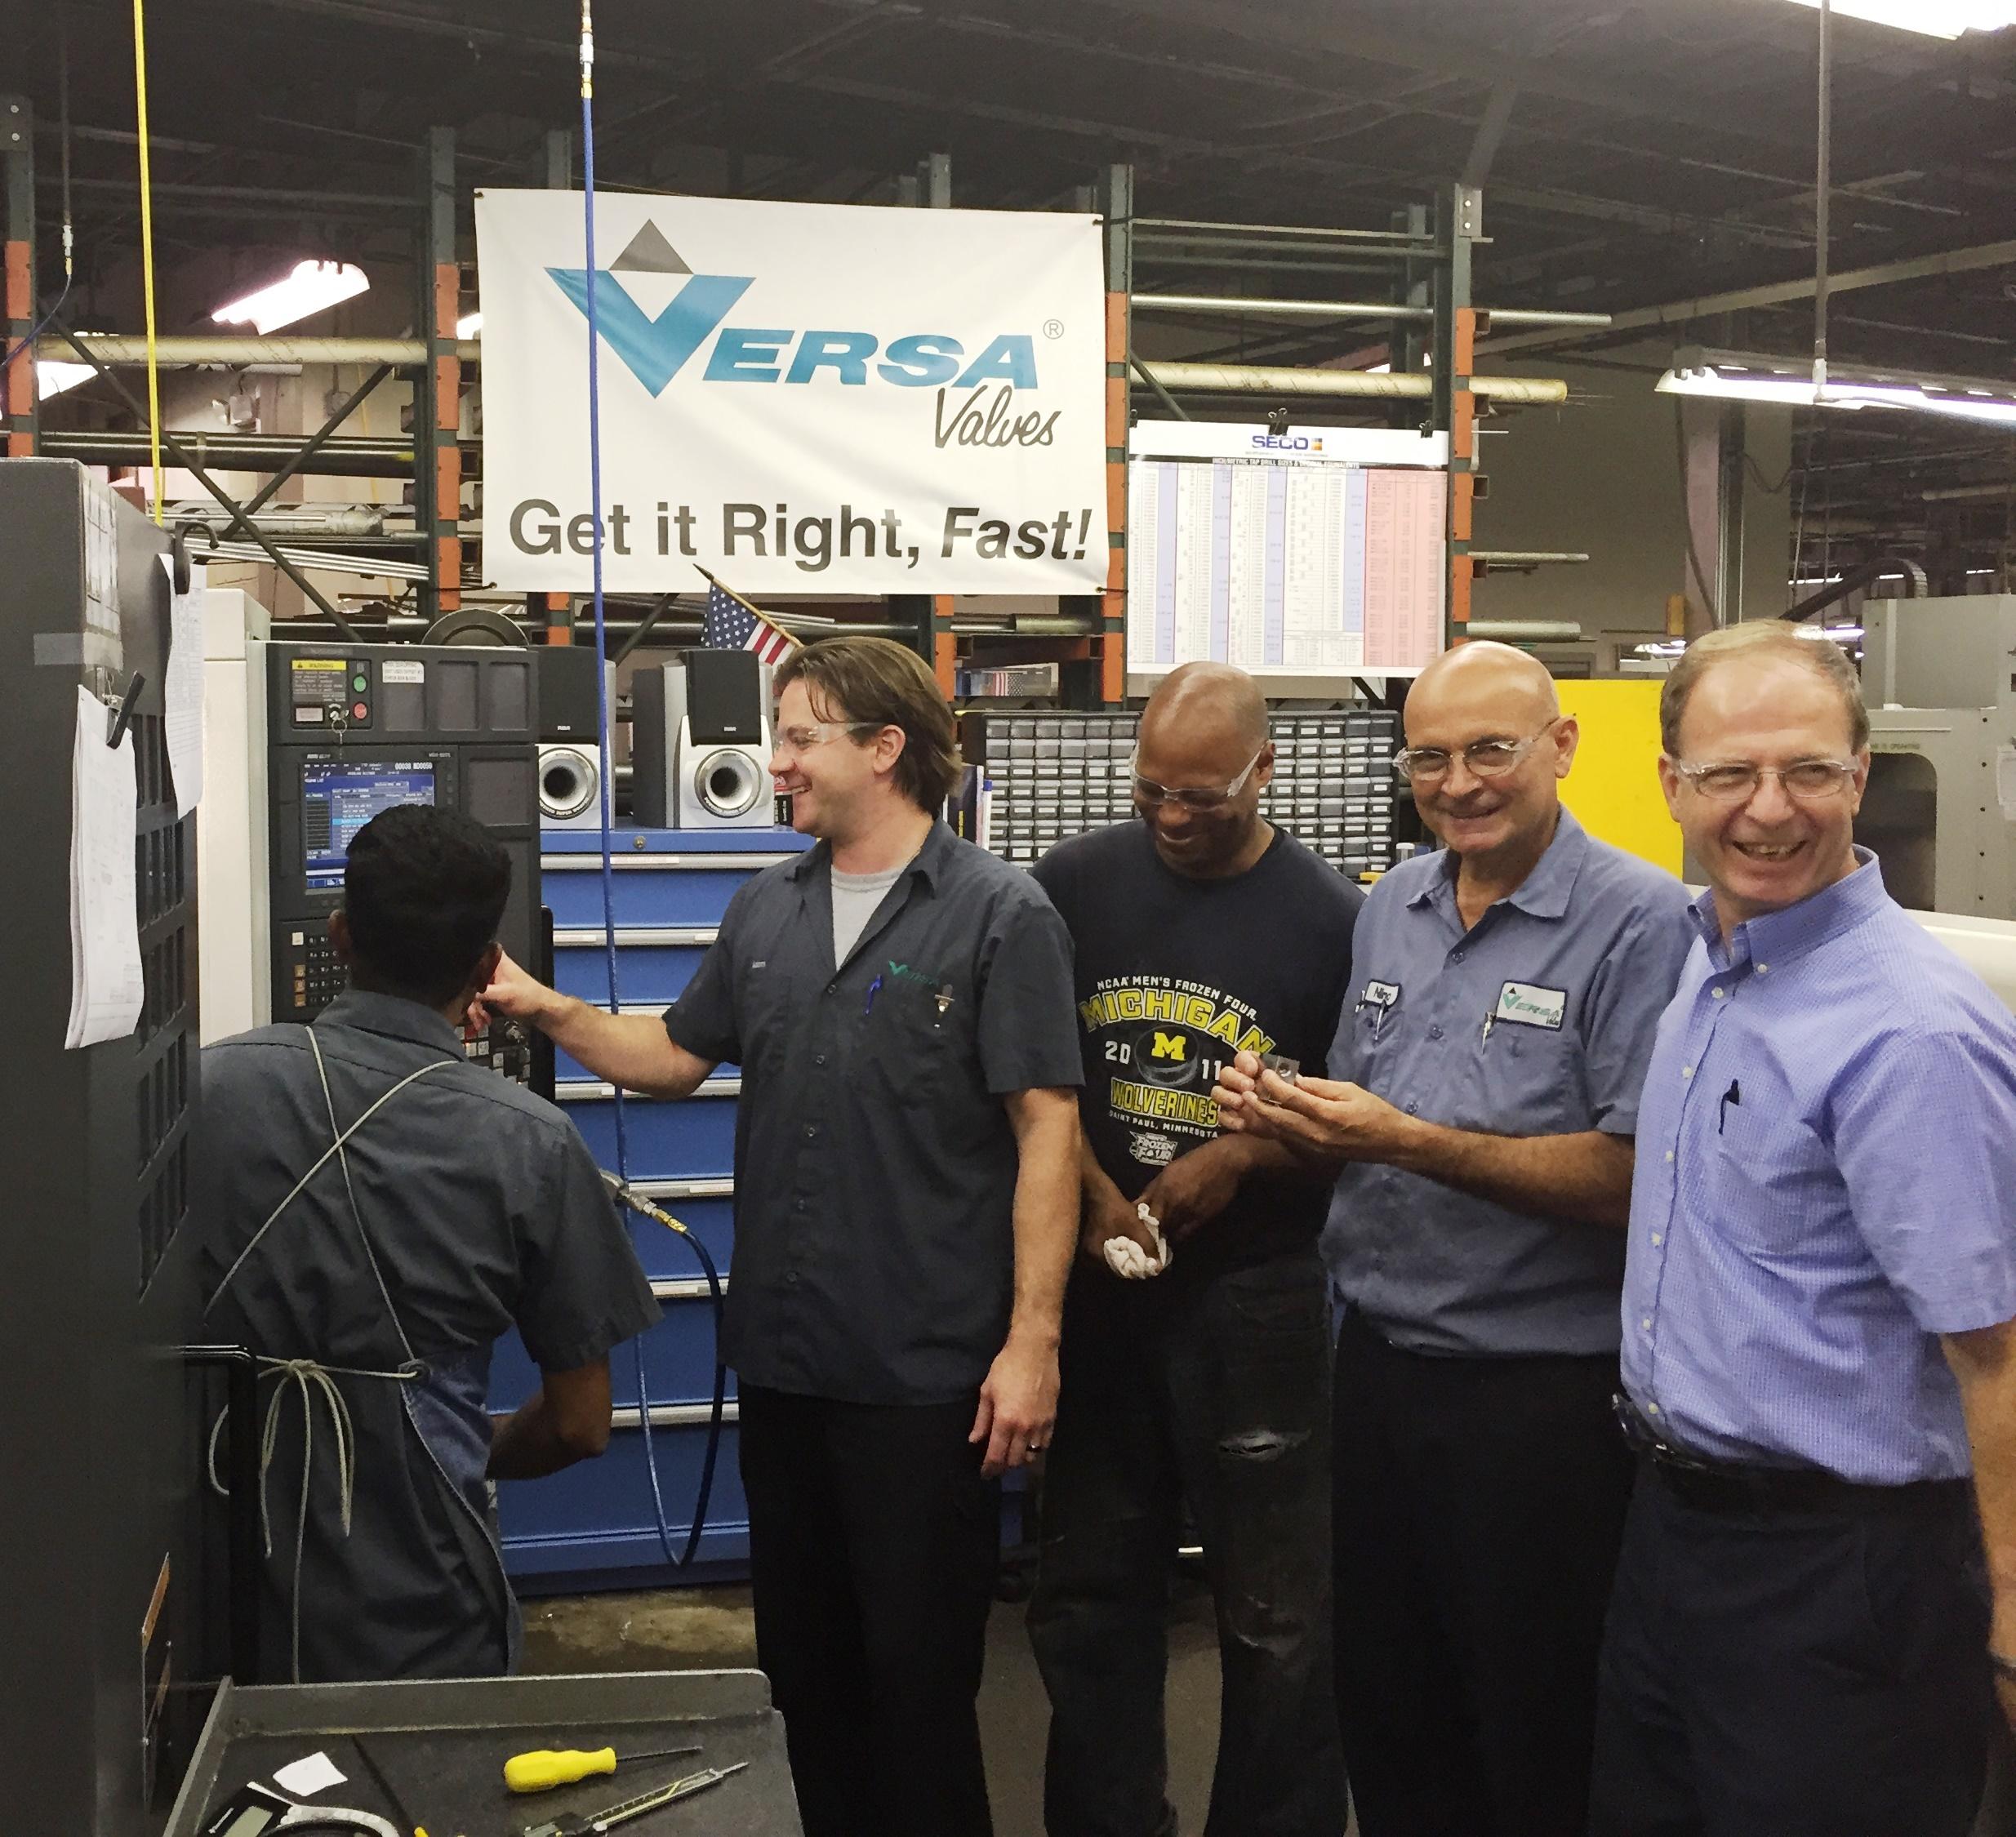 versa-valves-employee-satisfaction-manufacturing